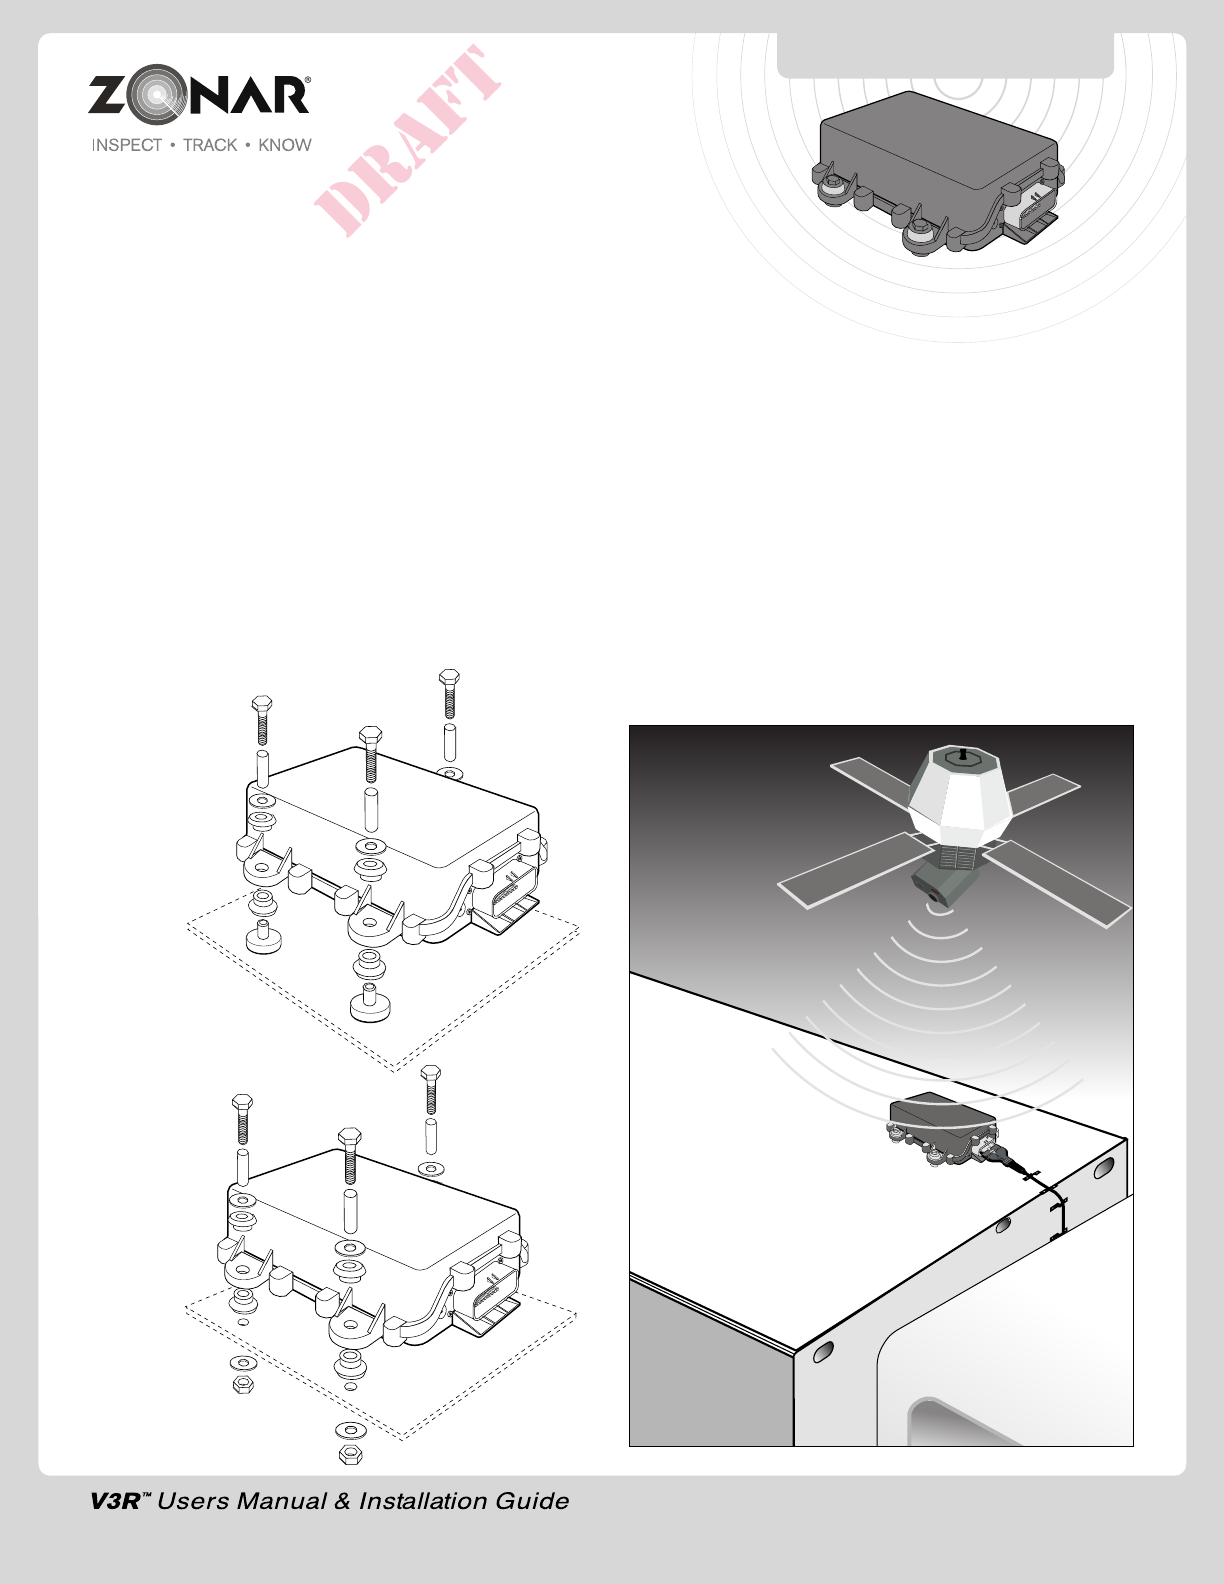 Zonar Systems V3R V3R User Manual on cadec wiring diagram, gps wiring diagram, peoplenet wiring diagram, qualcomm wiring diagram,